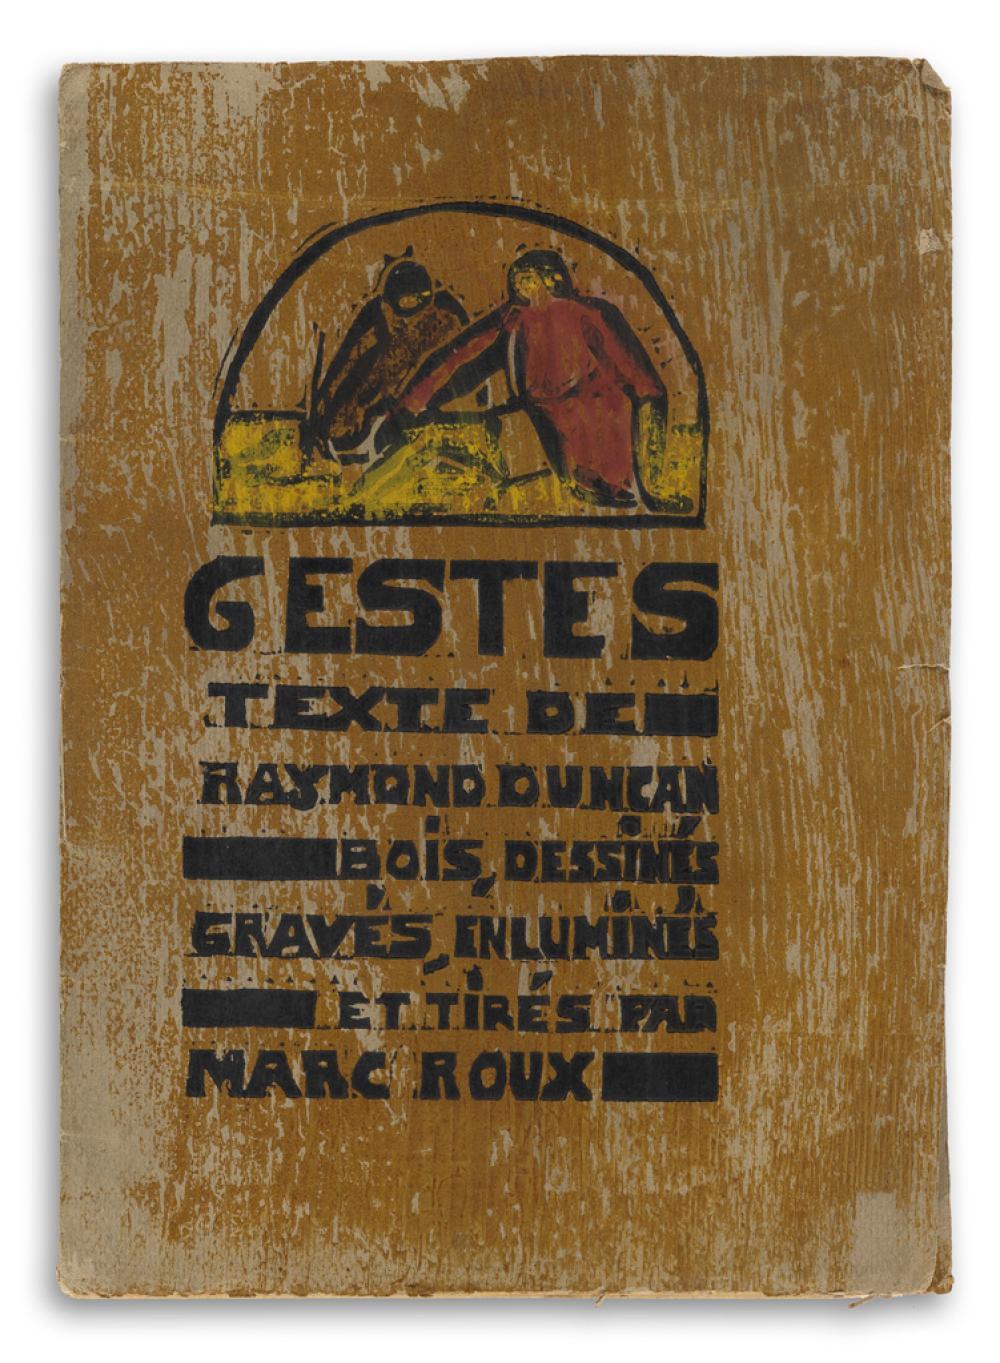 DUNCAN, RAYMOND; and MARCEL ROUX. Gestes.